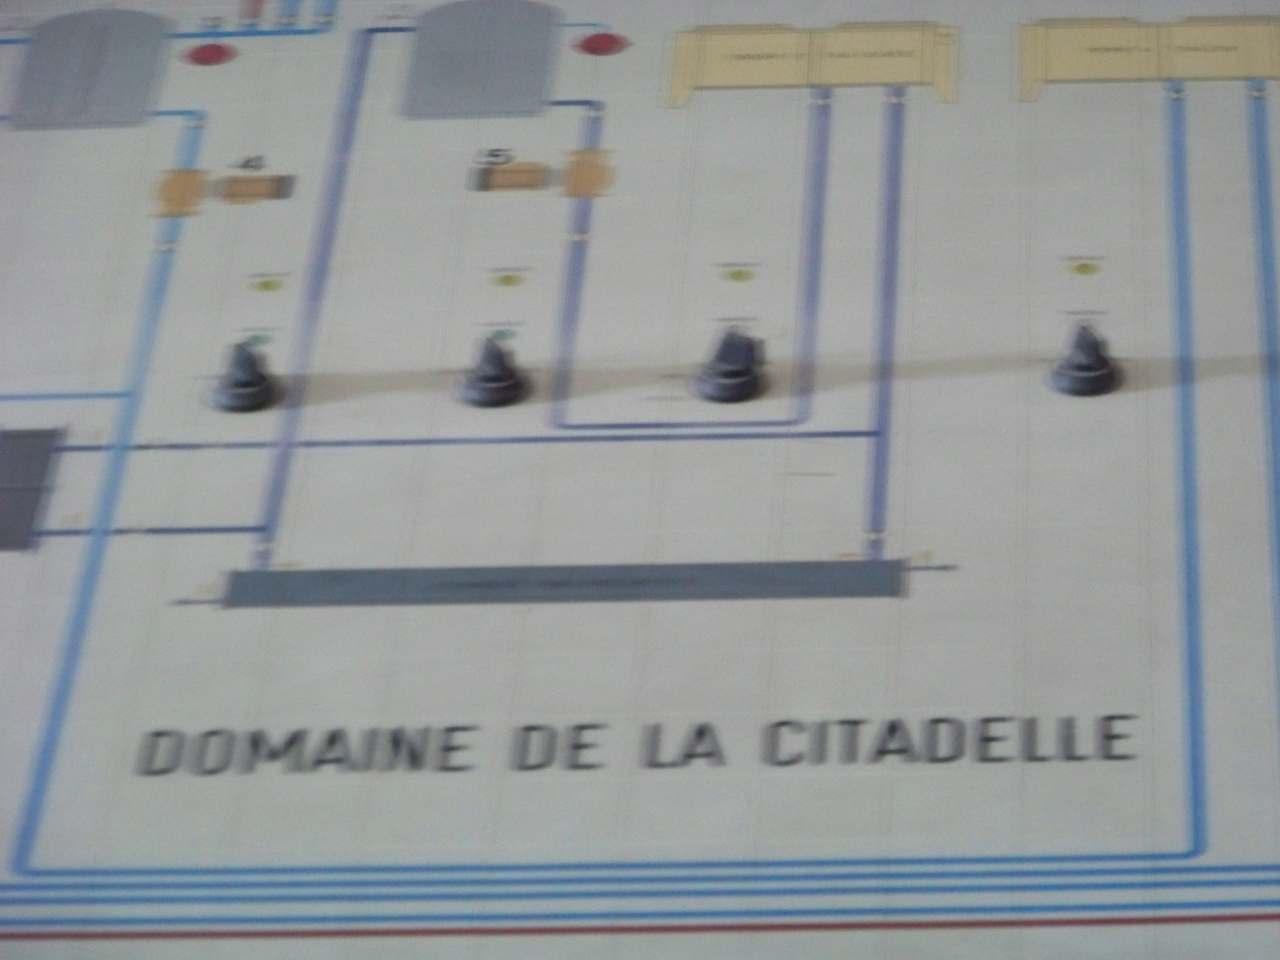 [Rasso] 22 Septembre 2012 - Rassemblement Dans Le Sud De La France (Orgon) - Page 2 Orgon-120922-084